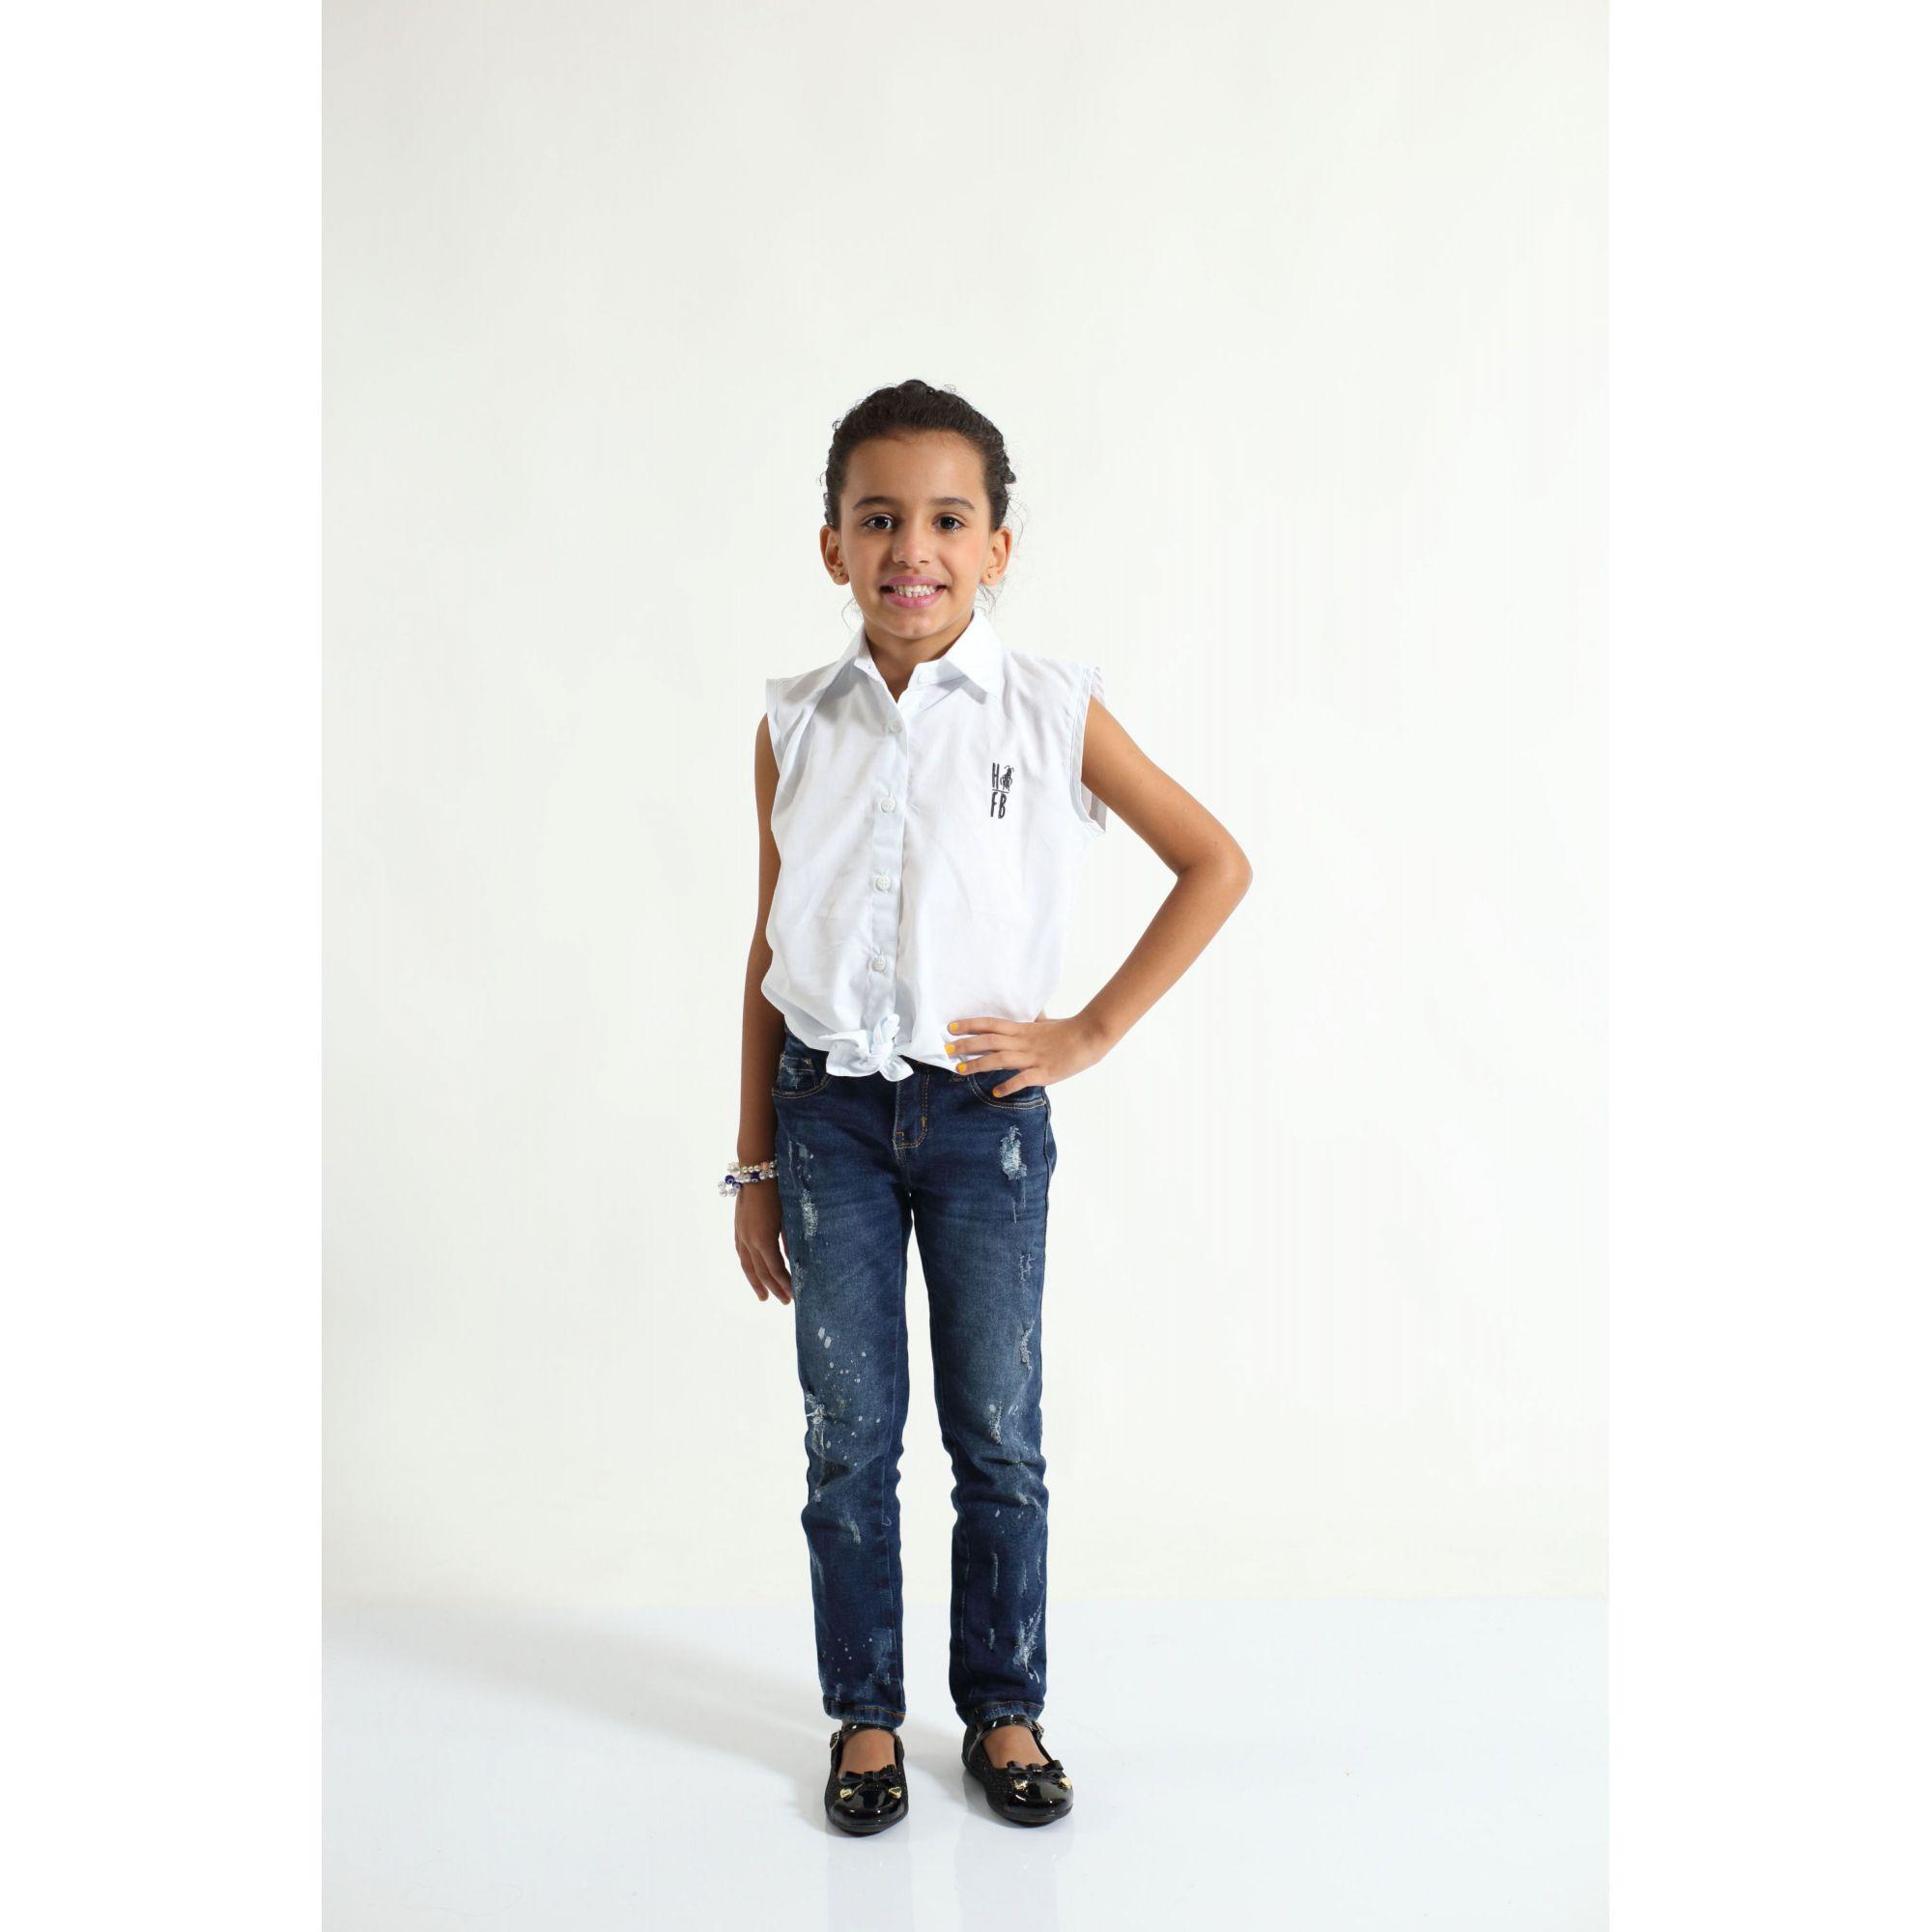 MÃE E FILHA > Kit 02 Camisas Social Adulto e Infantil Branca [Coleção Tal Mãe Tal Filha]  - Heitor Fashion Brazil